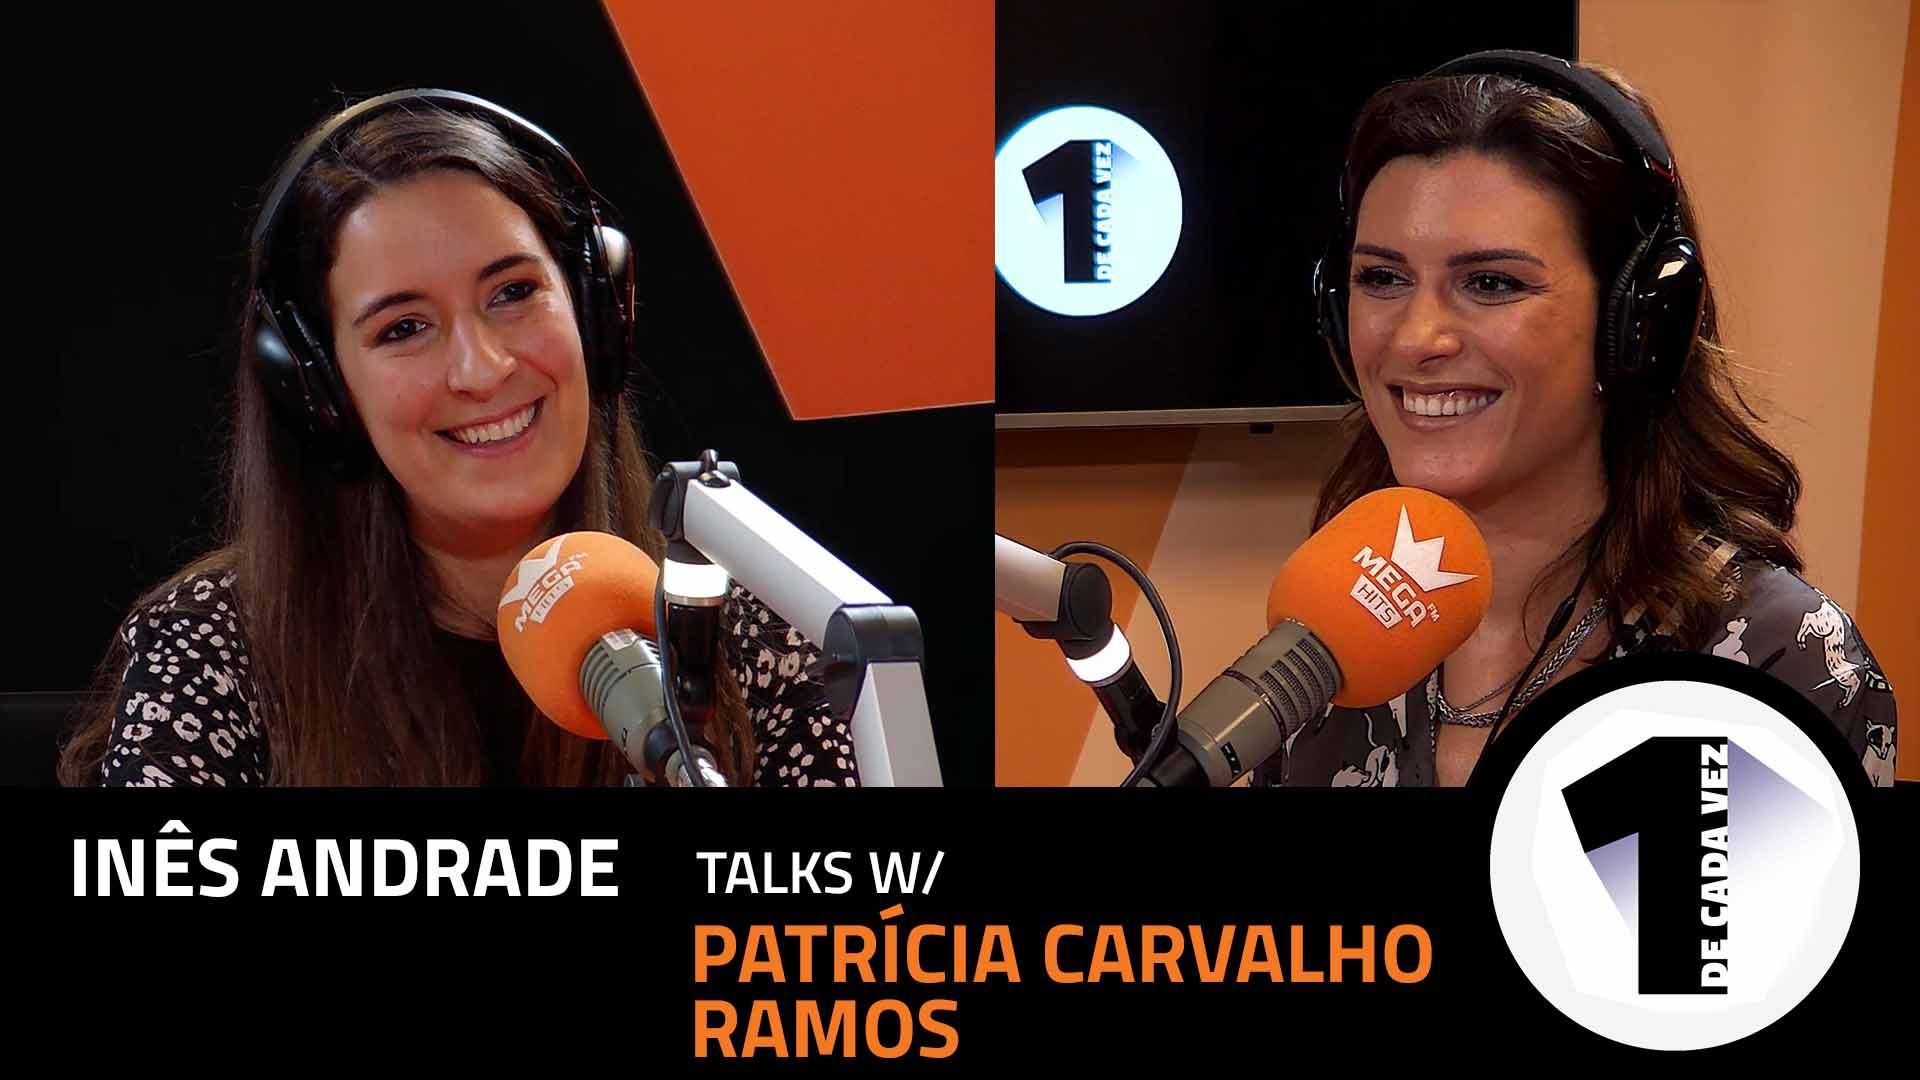 EP. 19 | INÊS ANDRADE X ANA PATRÍCIA CARVALHO